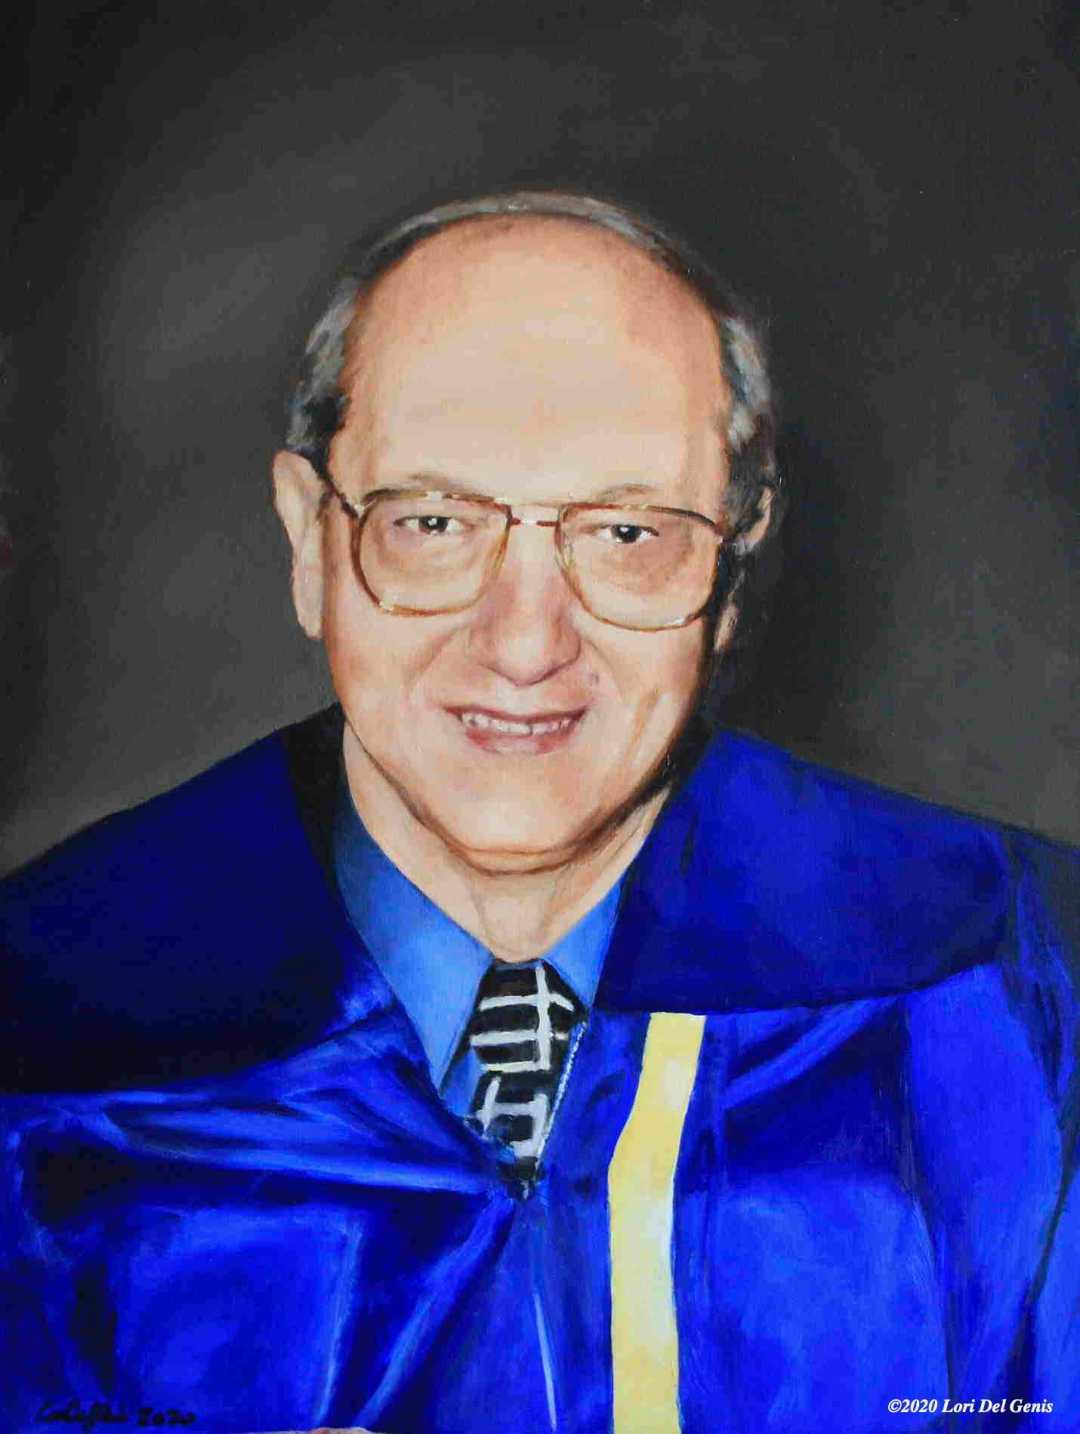 Oil portrait of Al Conti as commissioned by the Stoneham Cultural Council. (Lori Del Genis, 2020)